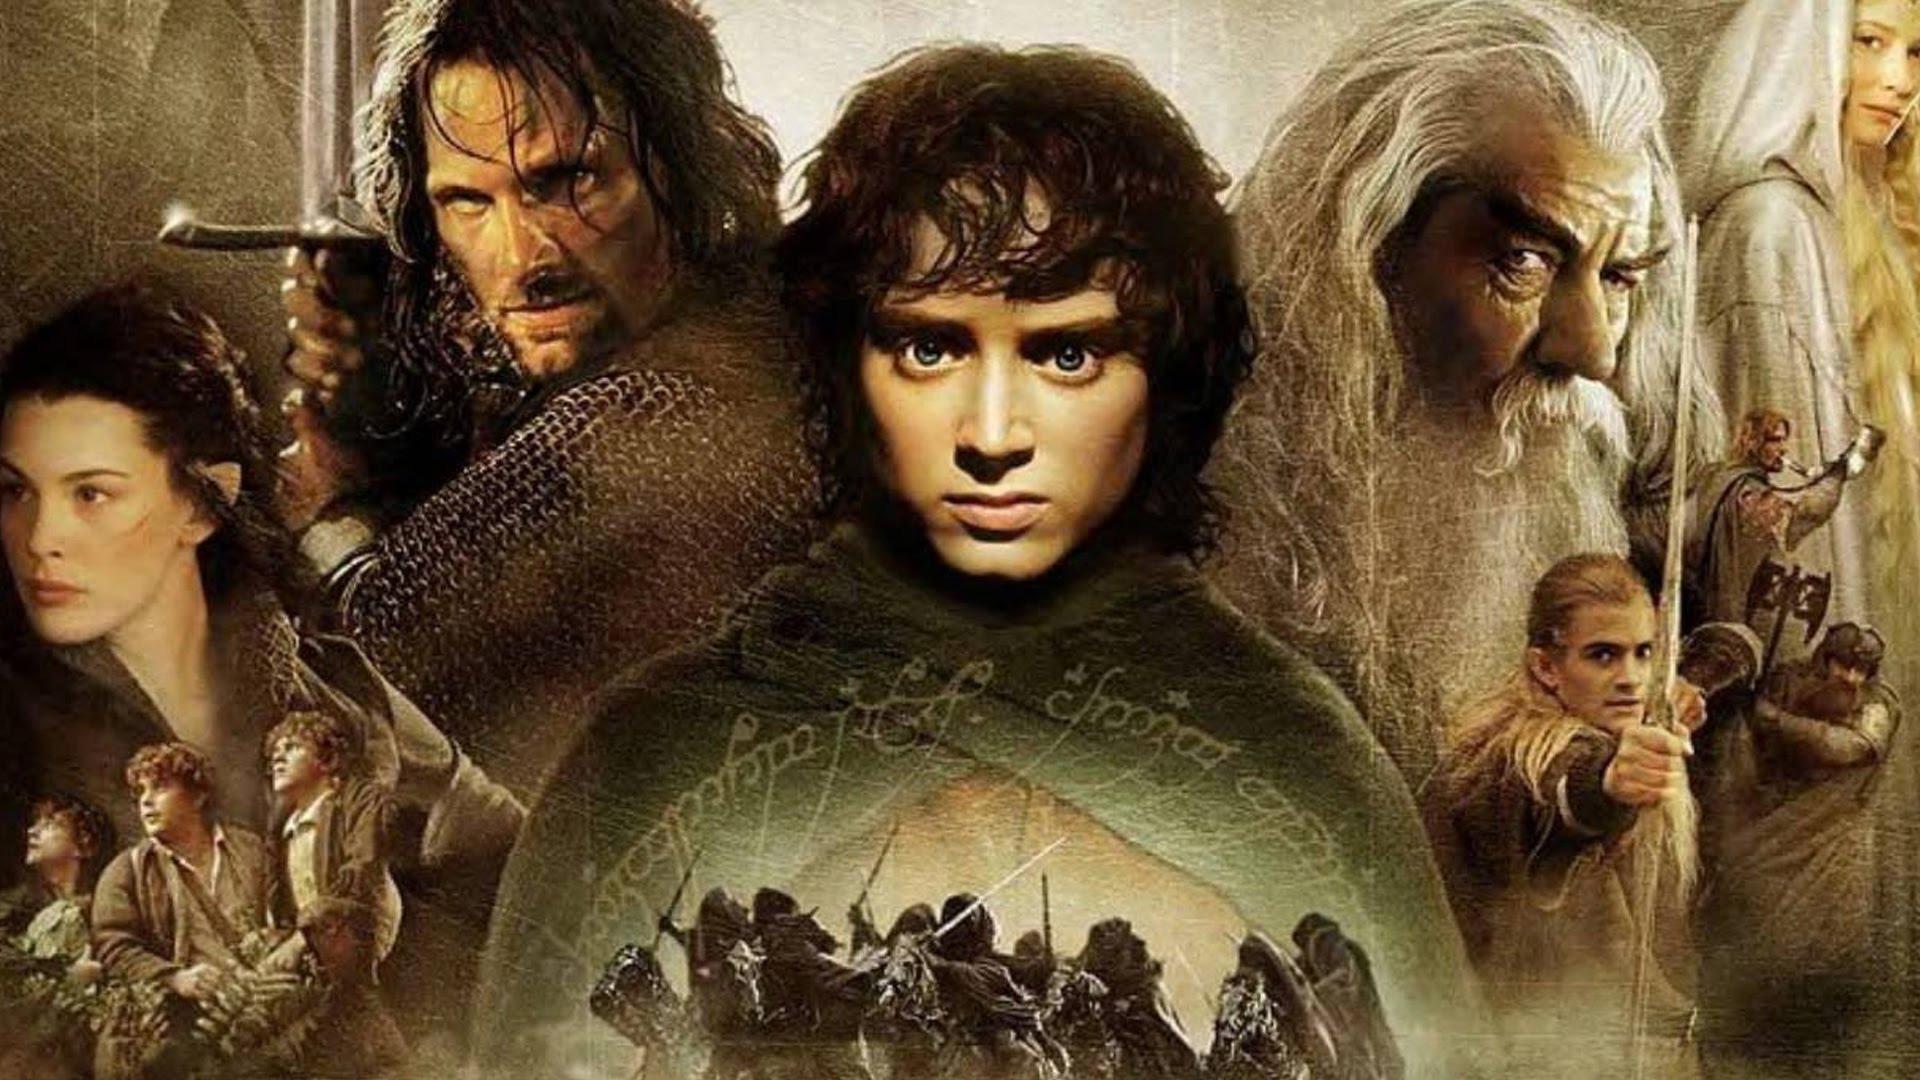 Gospodar prstenova - The Lord of the Rings